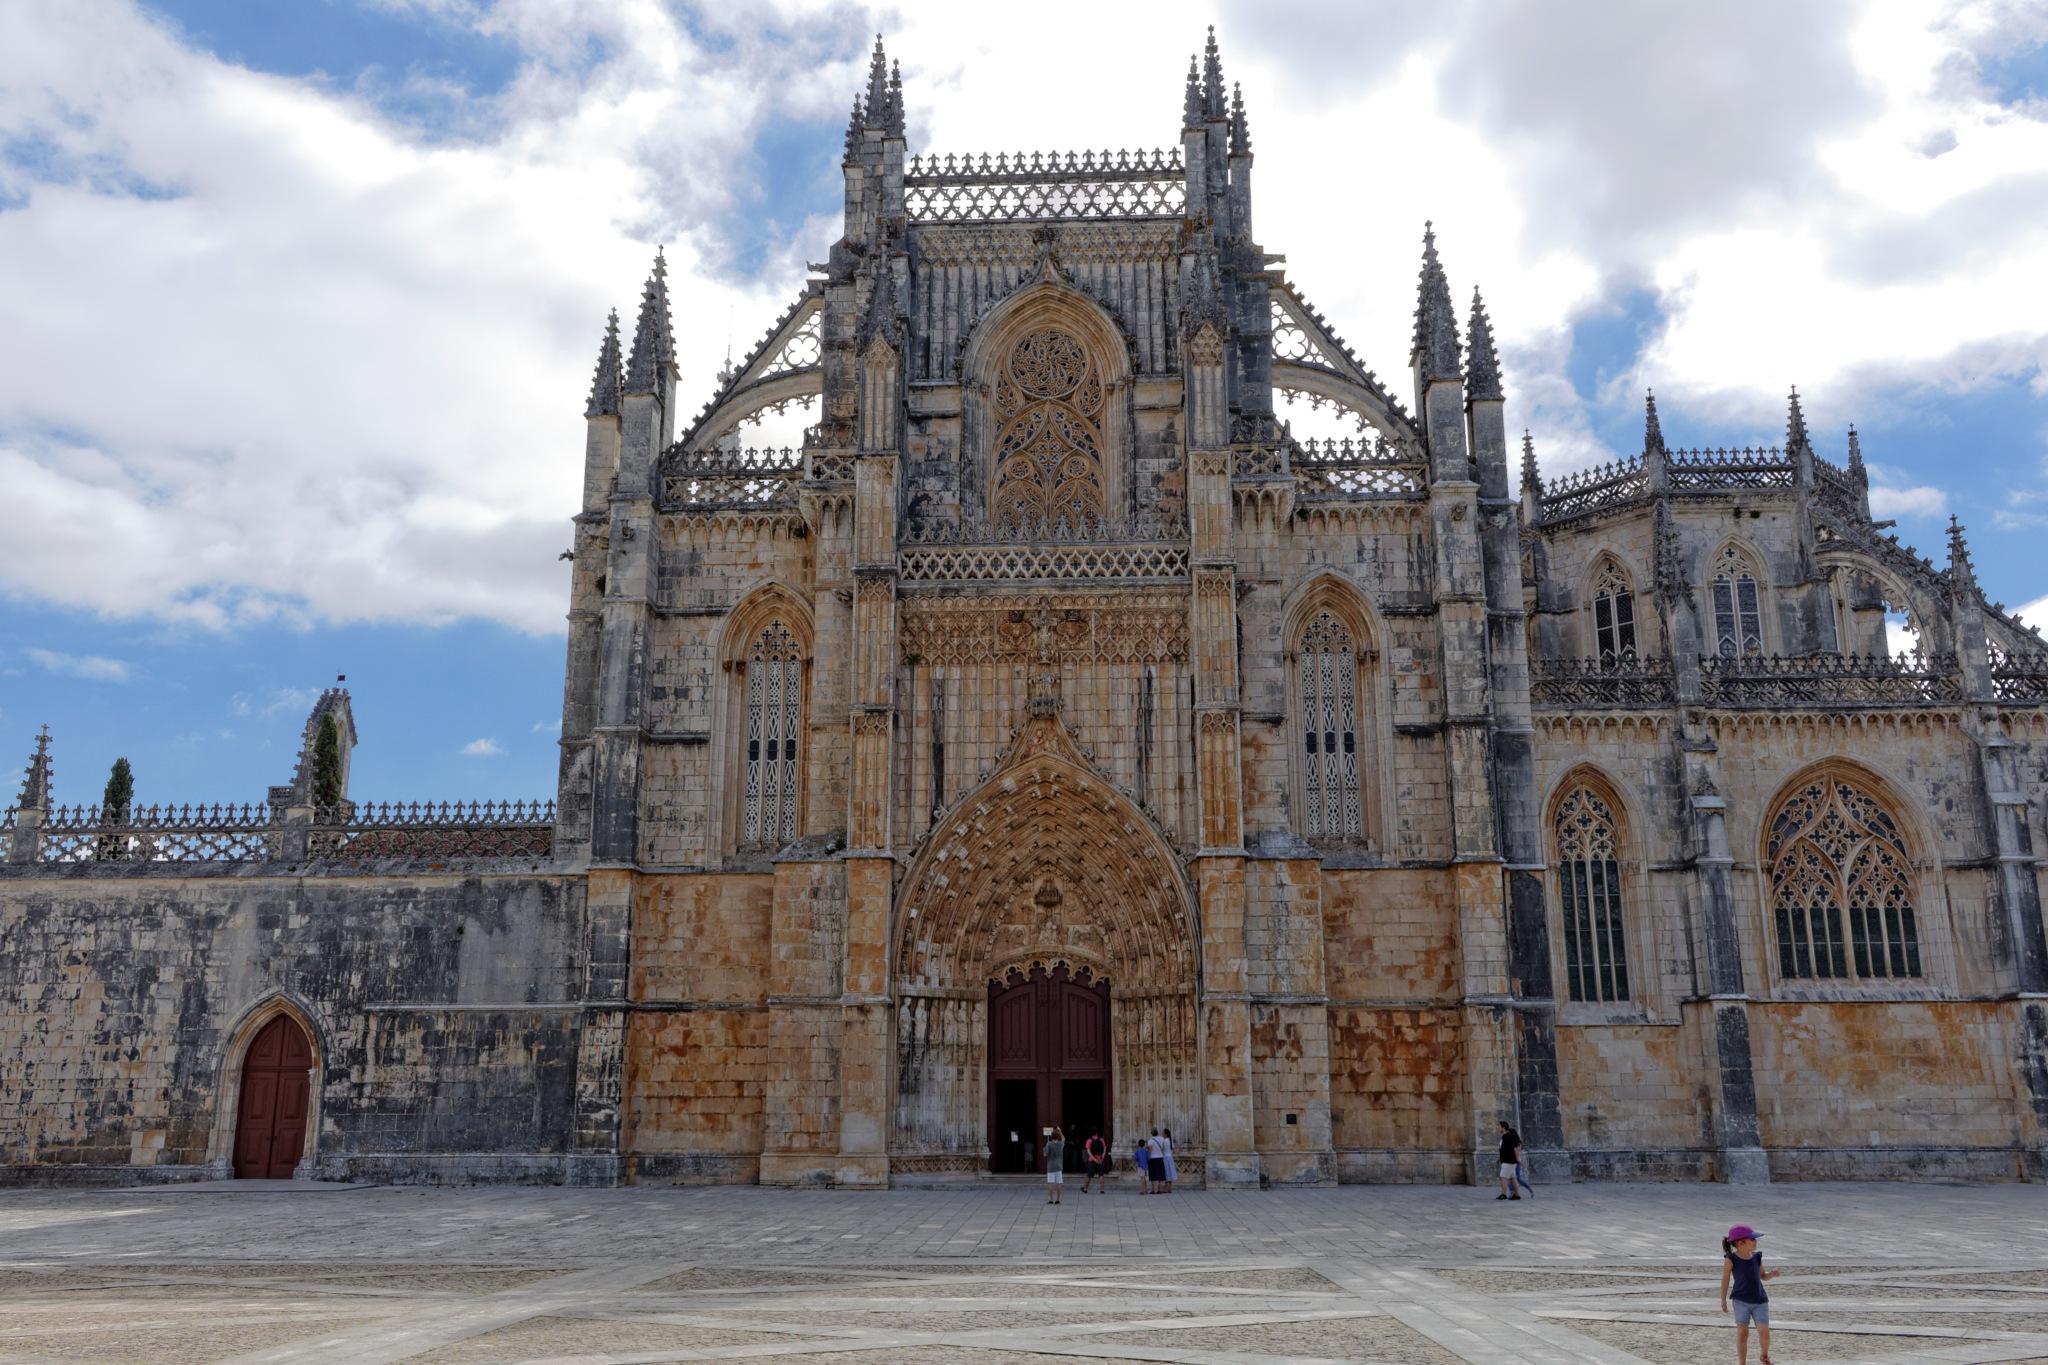 Monastère de Batalha by Tonio49